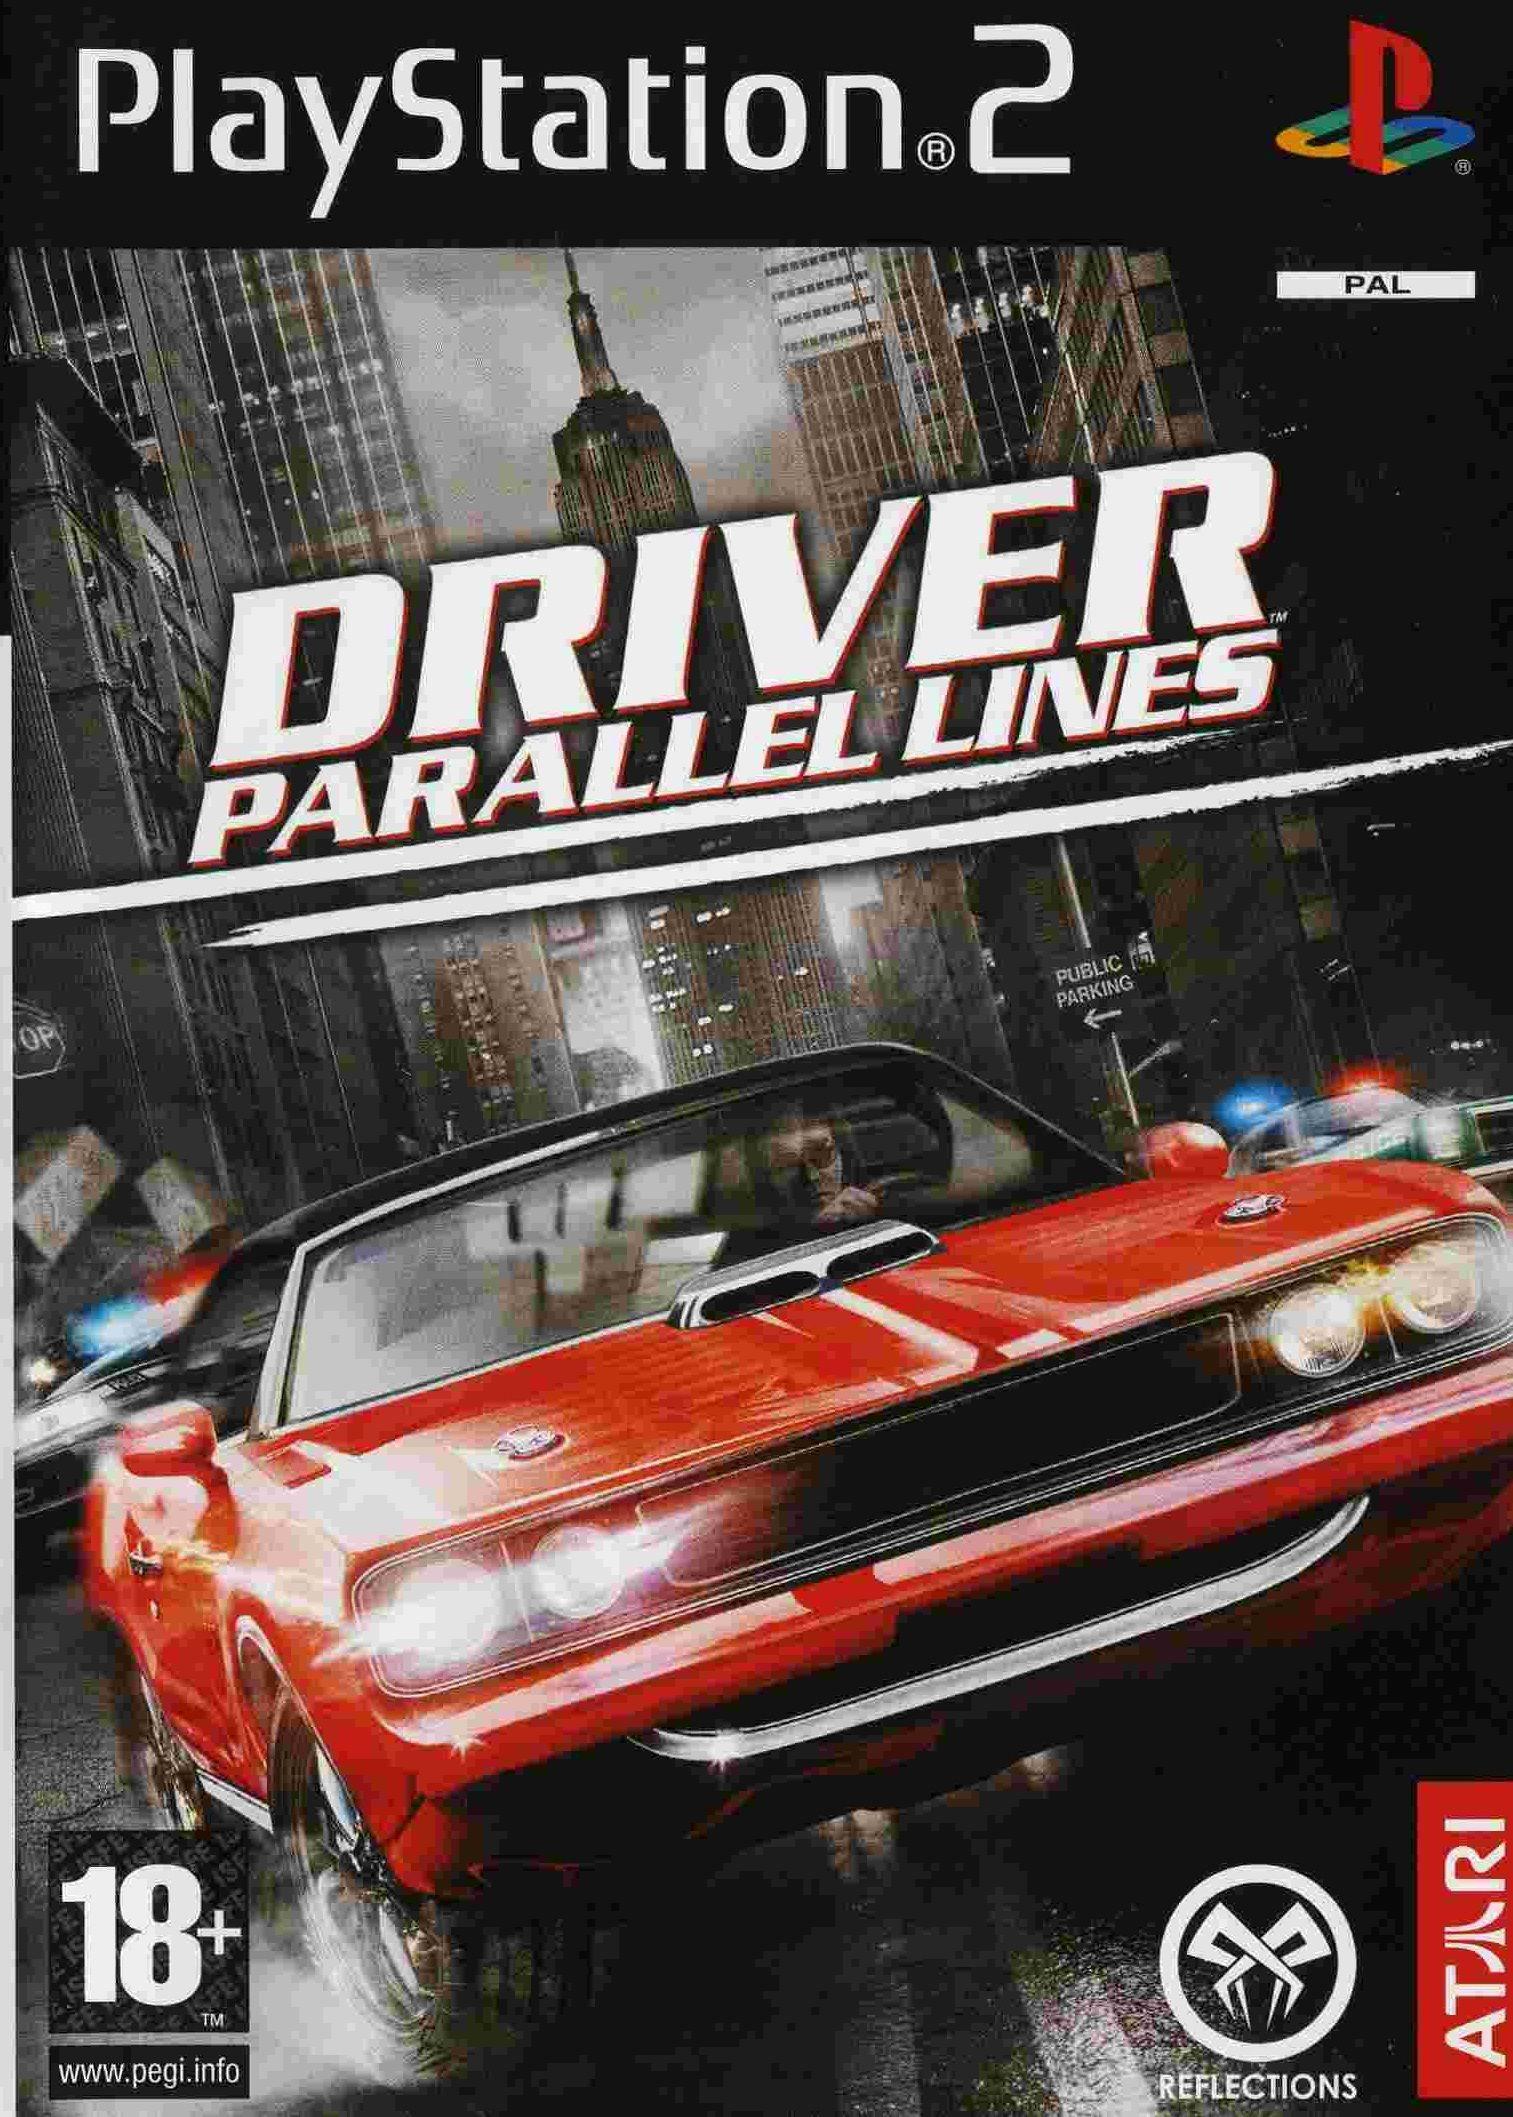 Driver Parallel Lines Ps2 Juegos Pc Películas En Línea Gratis Juegos Retro